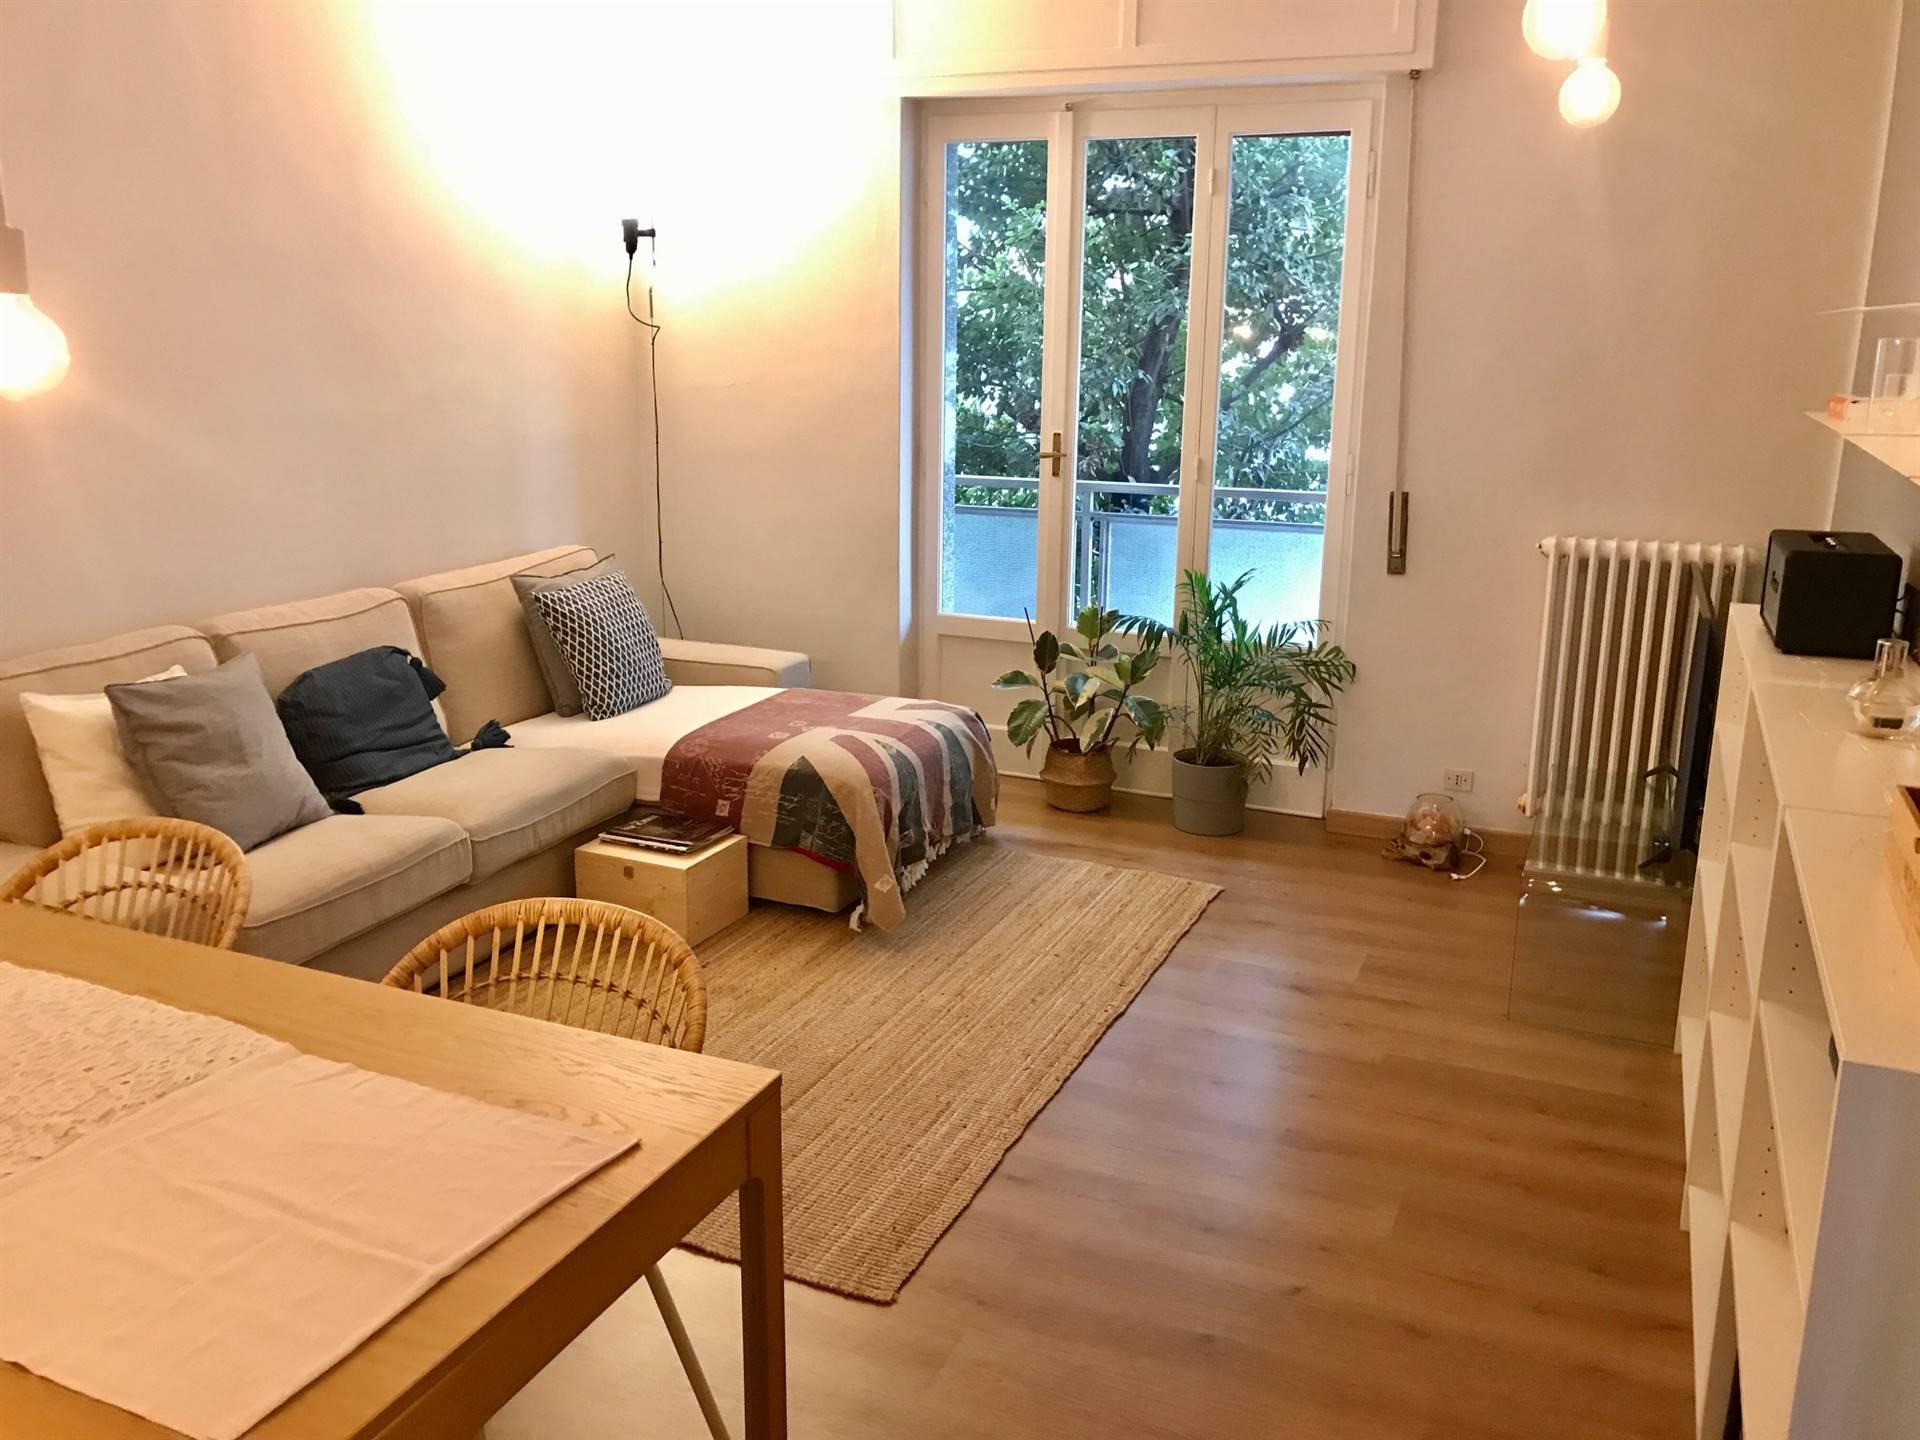 Appartamento in vendita a Bresso, 3 locali, prezzo € 250.000 | PortaleAgenzieImmobiliari.it